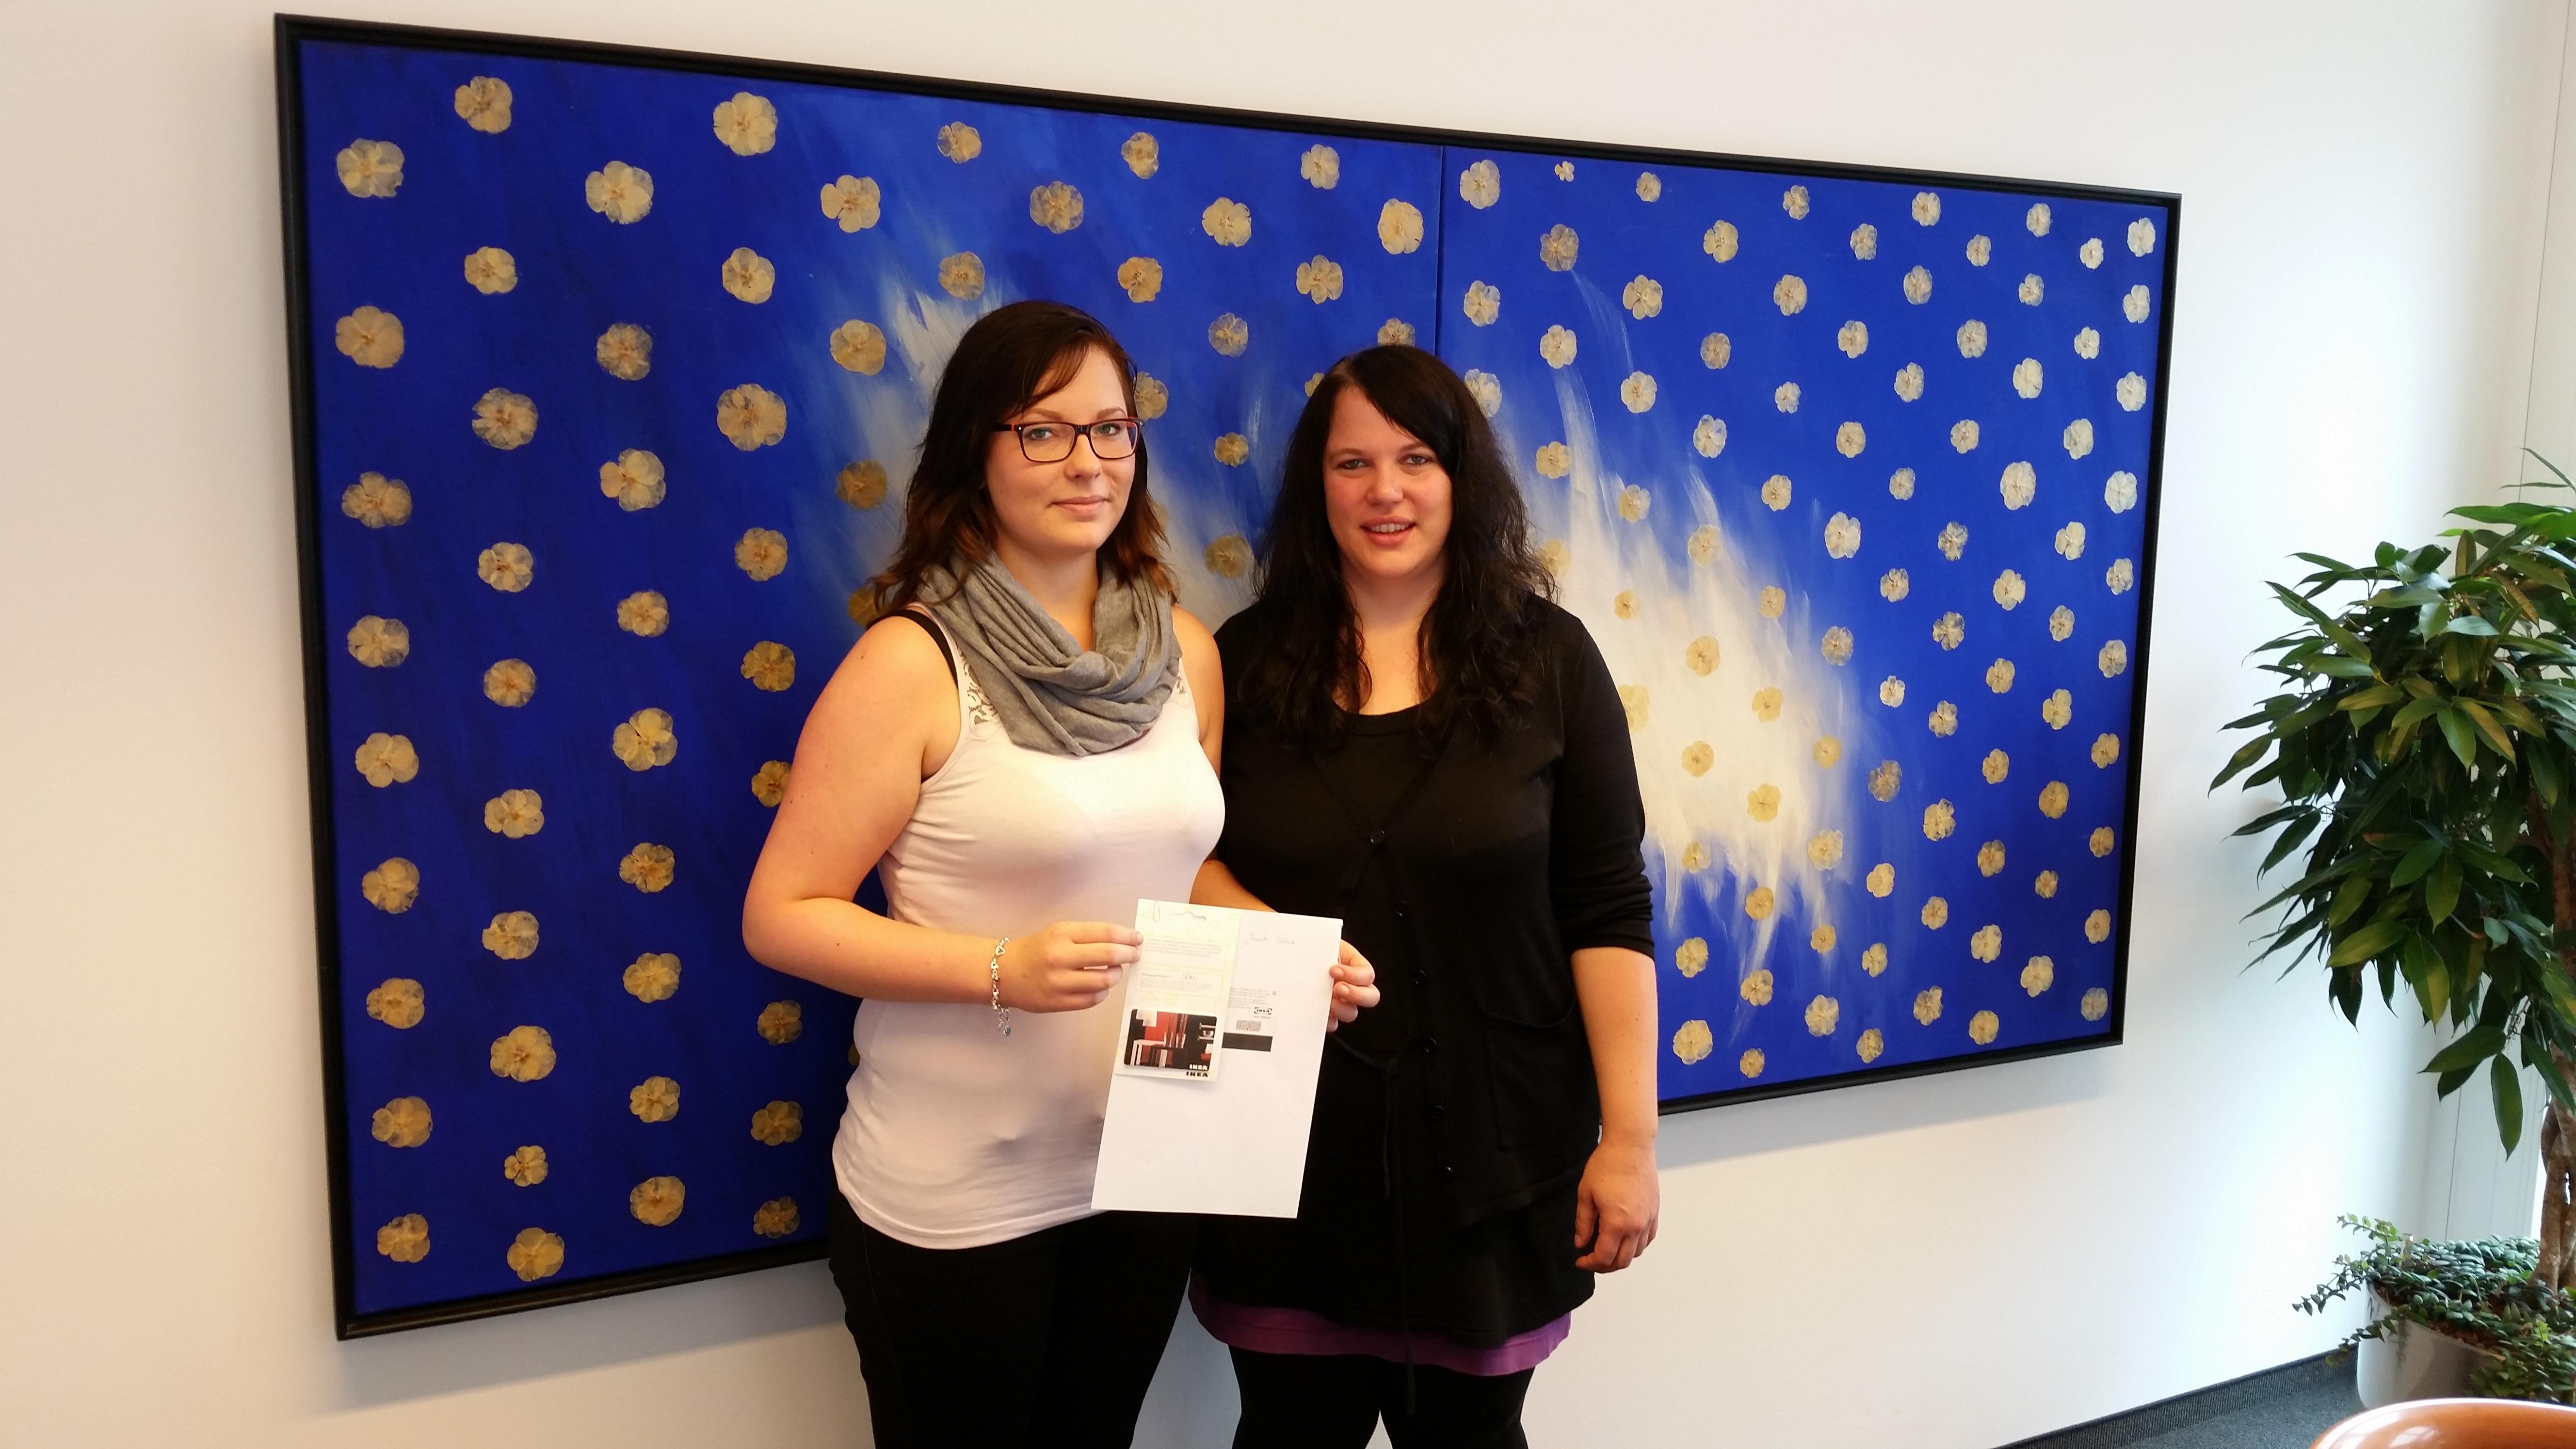 Jeanette und ihre Betreuerin begeistert vom IKEA-Gutschein